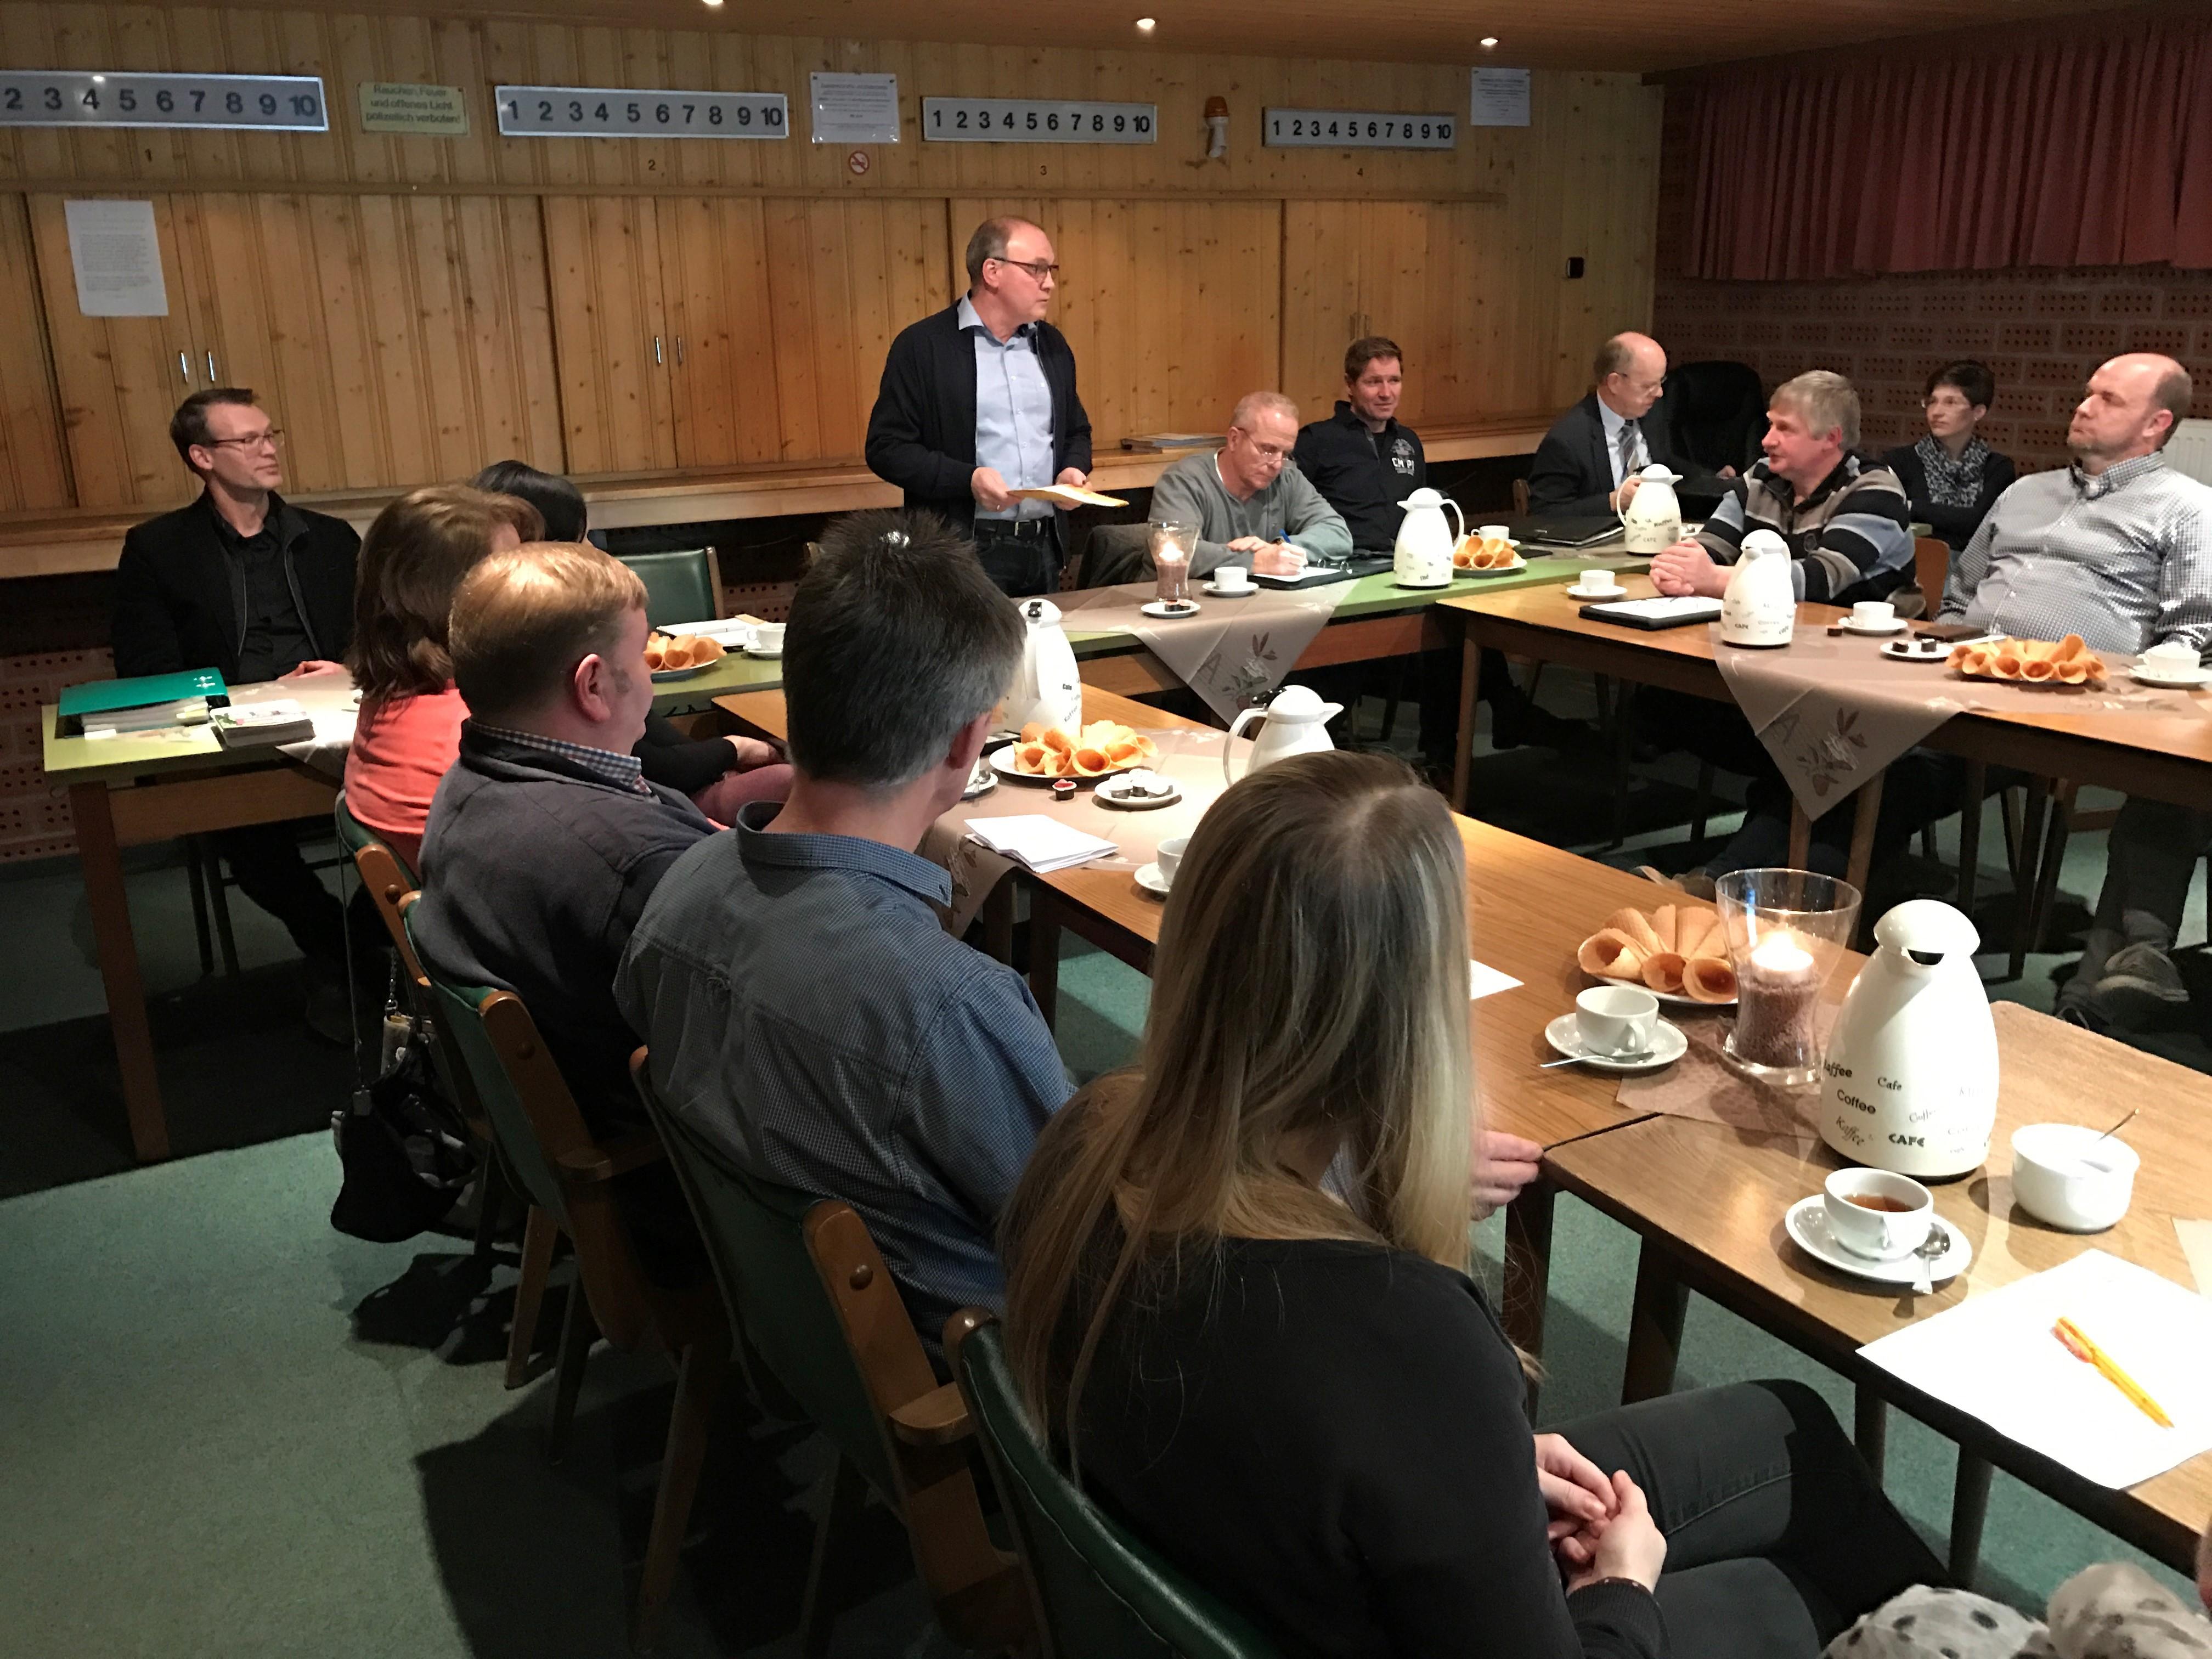 1. Sitzung des Arbeitskreises Dorfentwicklung Fresenburg-Renkenberge